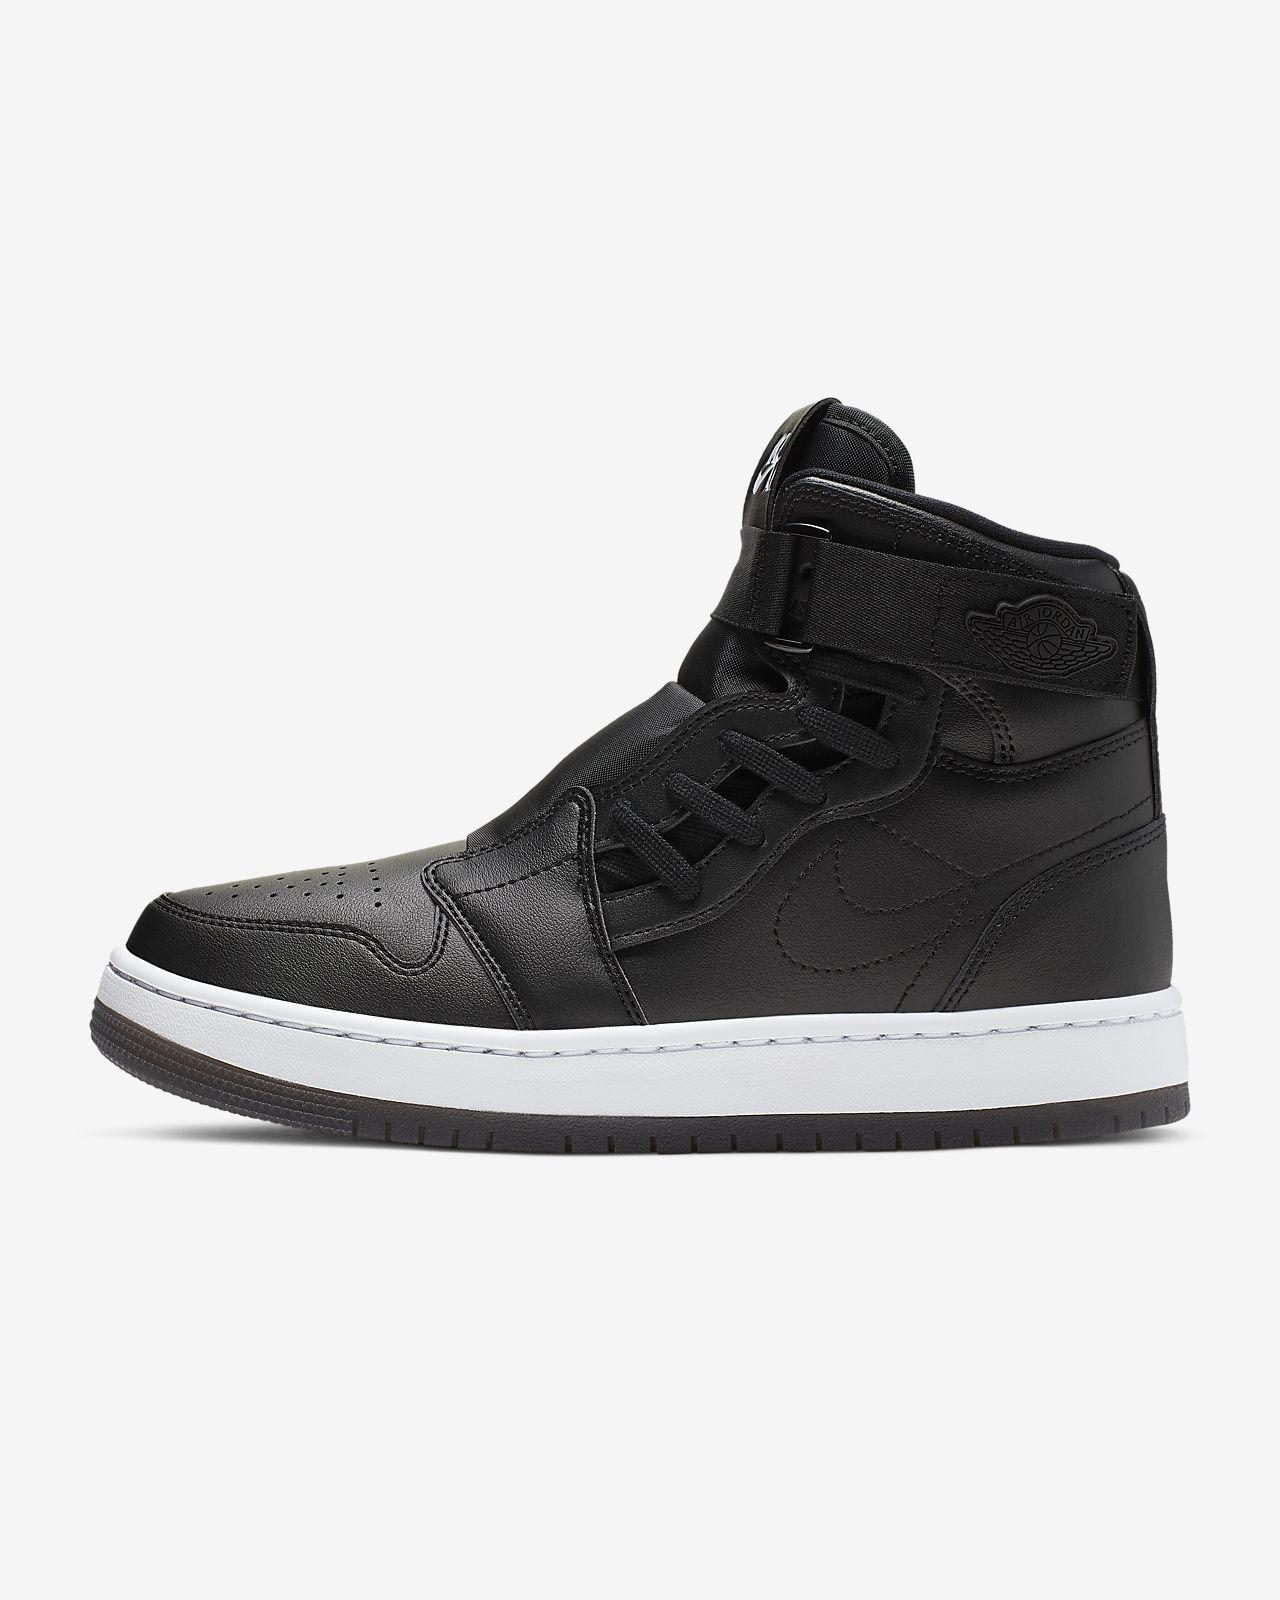 5508386ba689b Air Jordan 1 Nova XX Women's Shoe